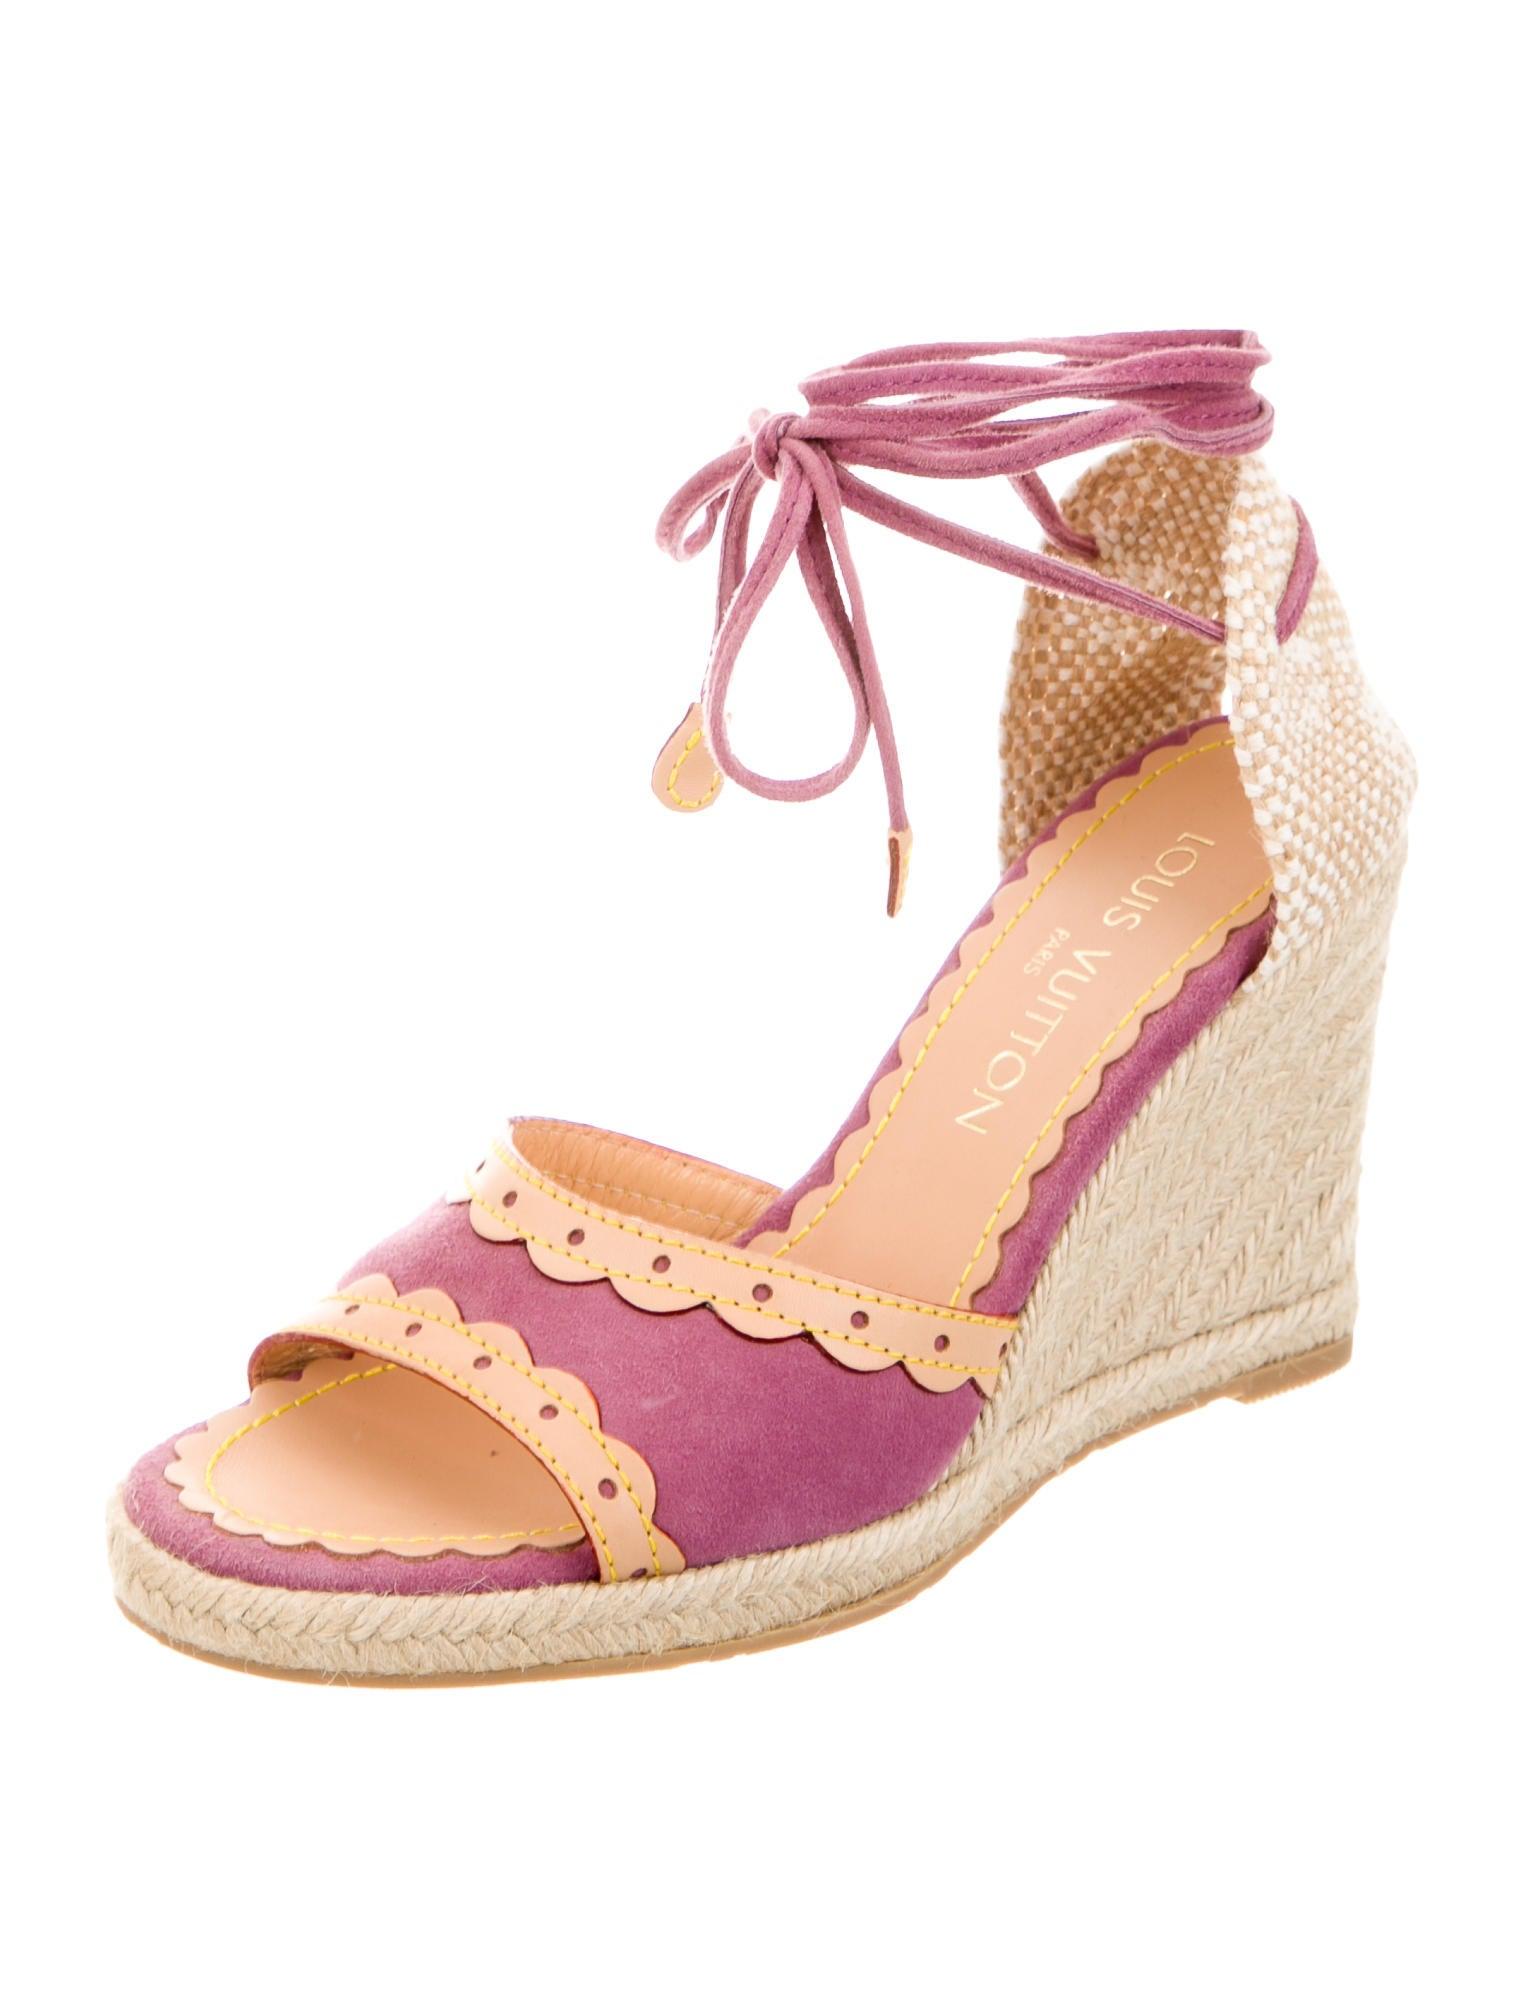 louis vuitton espadrille wedge sandals shoes lou85791